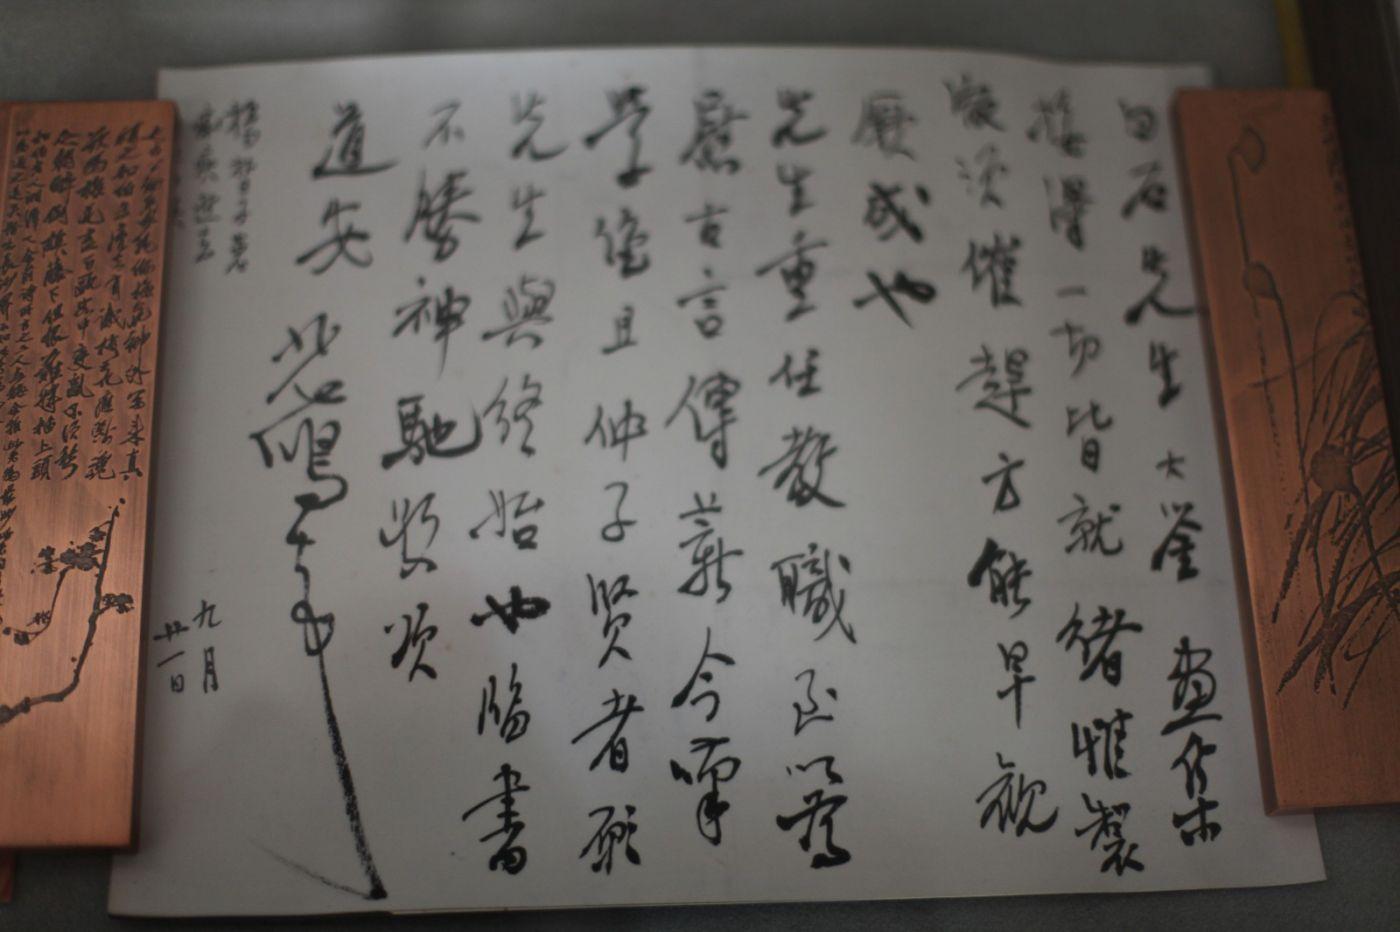 北京南锣鼓巷雨儿胡同齐白石故居_图1-4